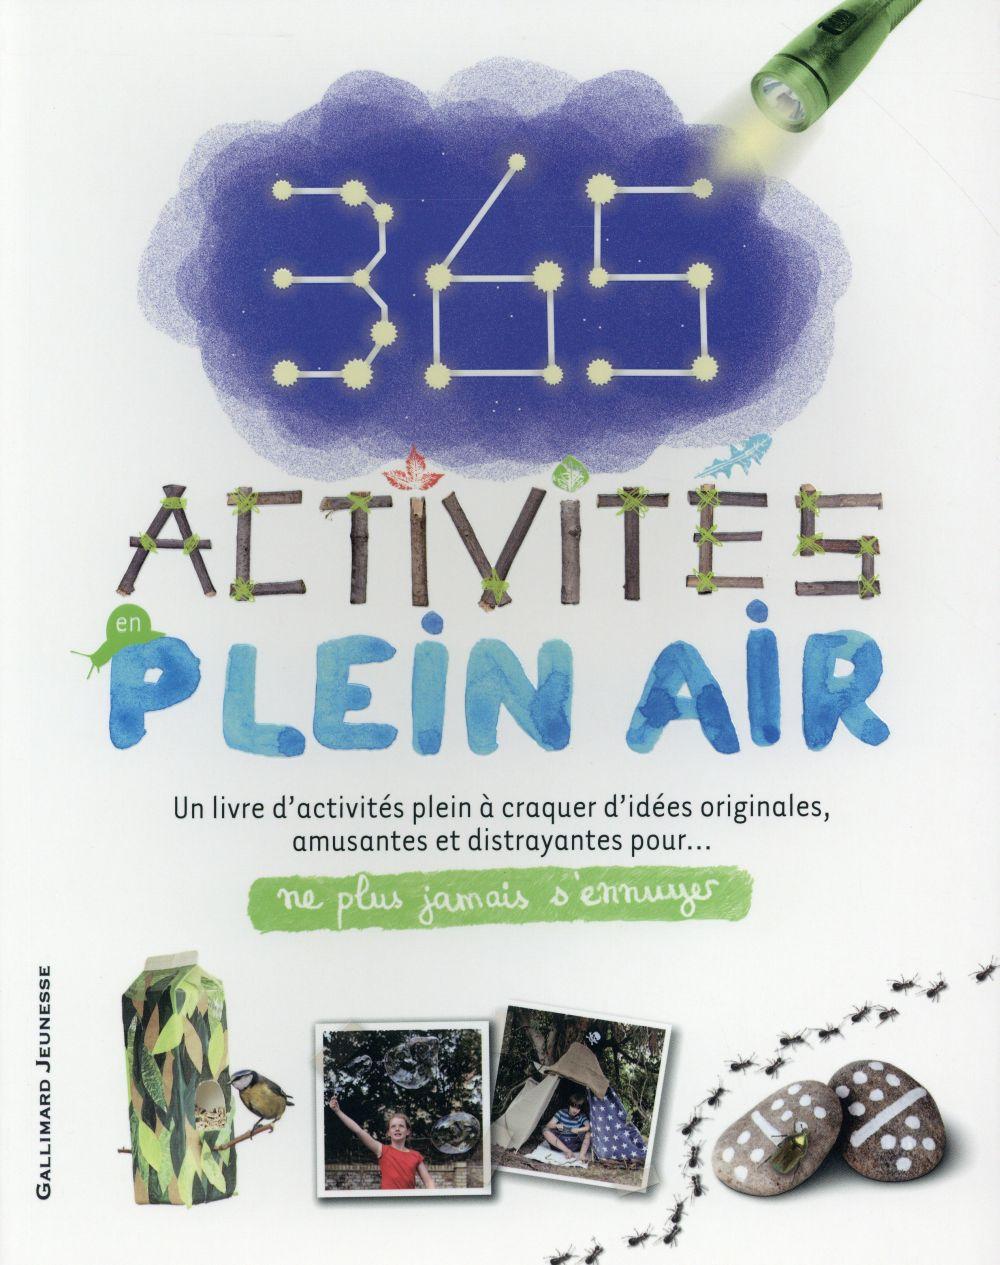 Ne plus jamais s'ennuyer ; 365 activités a faire en plein air